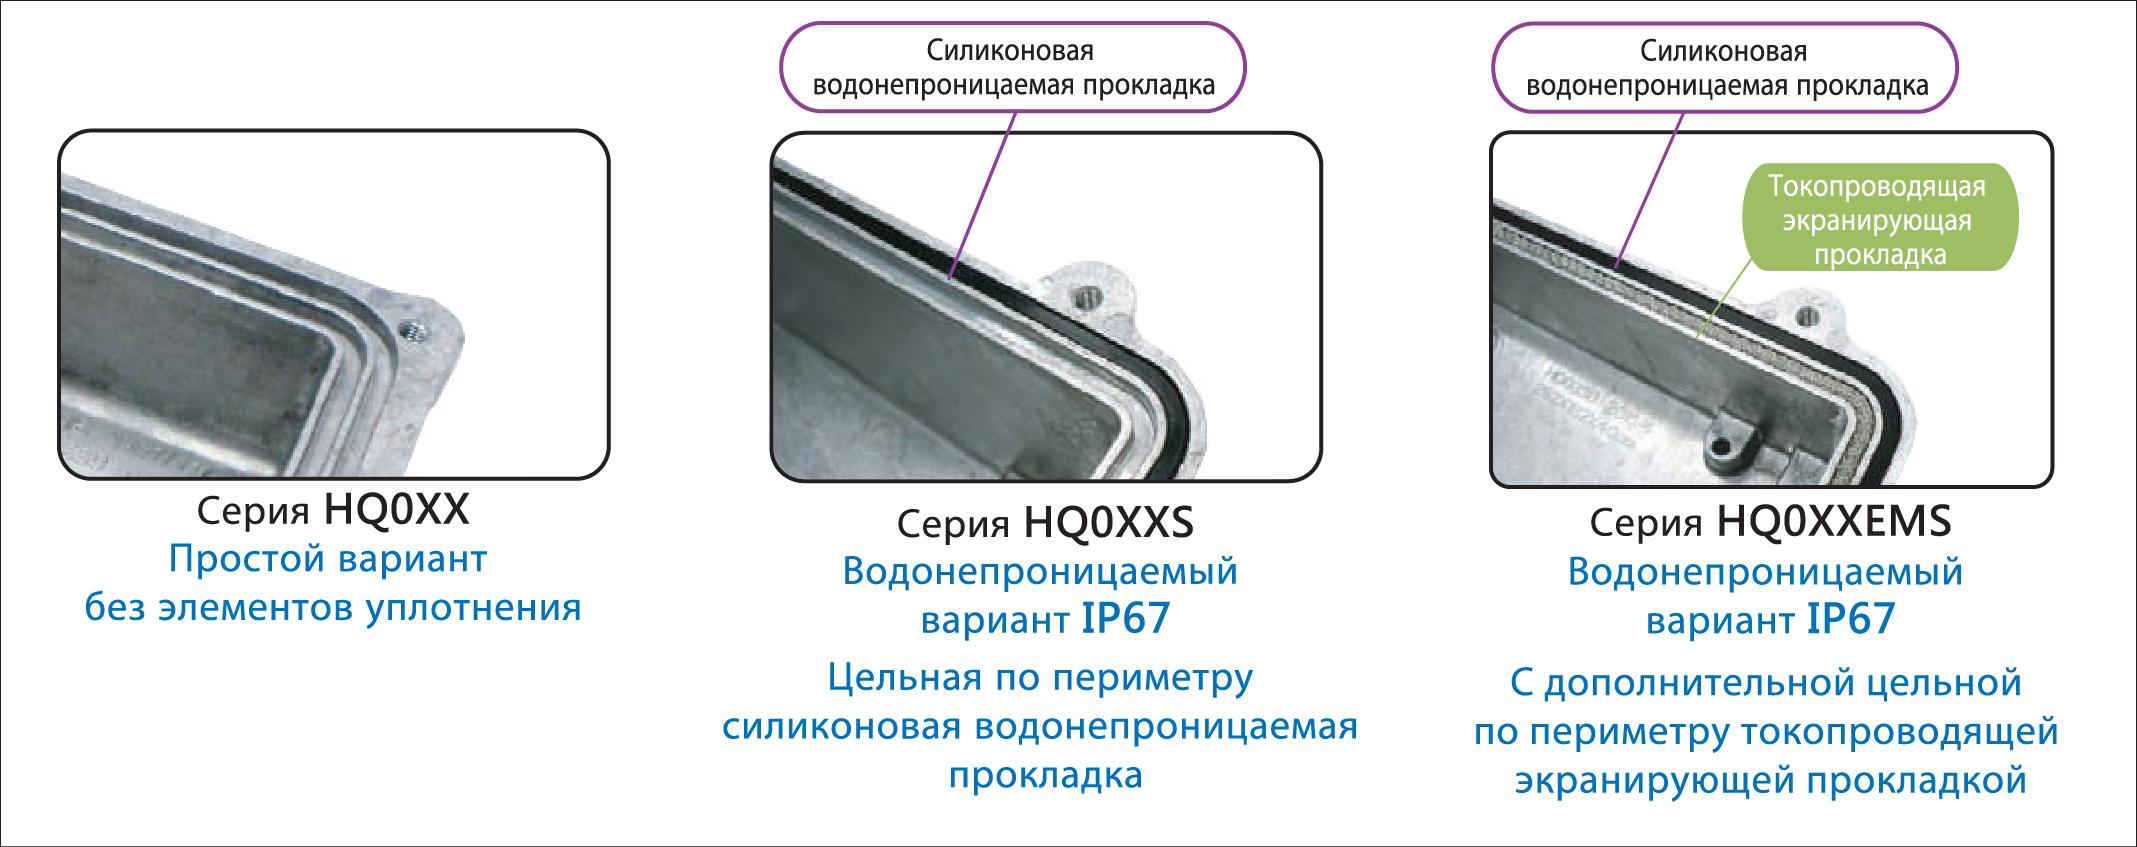 Экранирующие корпуса от Gainta Industries Ltd. — эффективное решение проблемы ЭМС